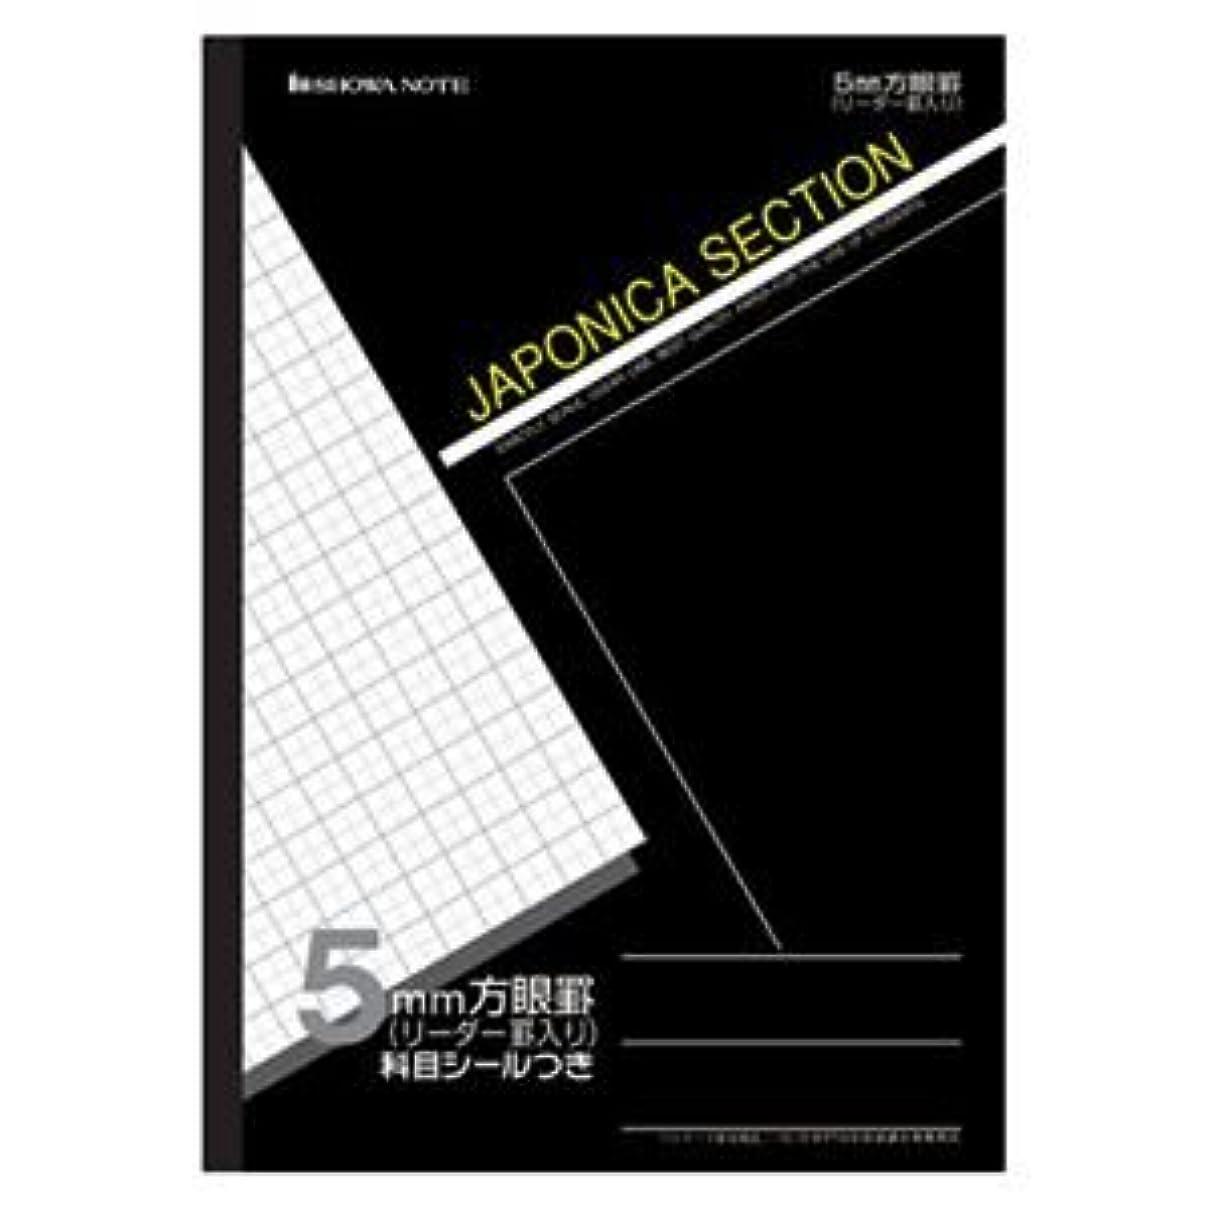 (業務用セット) ショウワノート 方眼ノート ジャポニカセクション ジャポニカカスタム JS-5K 黒 1冊入 【×10セット】 〈簡易梱包